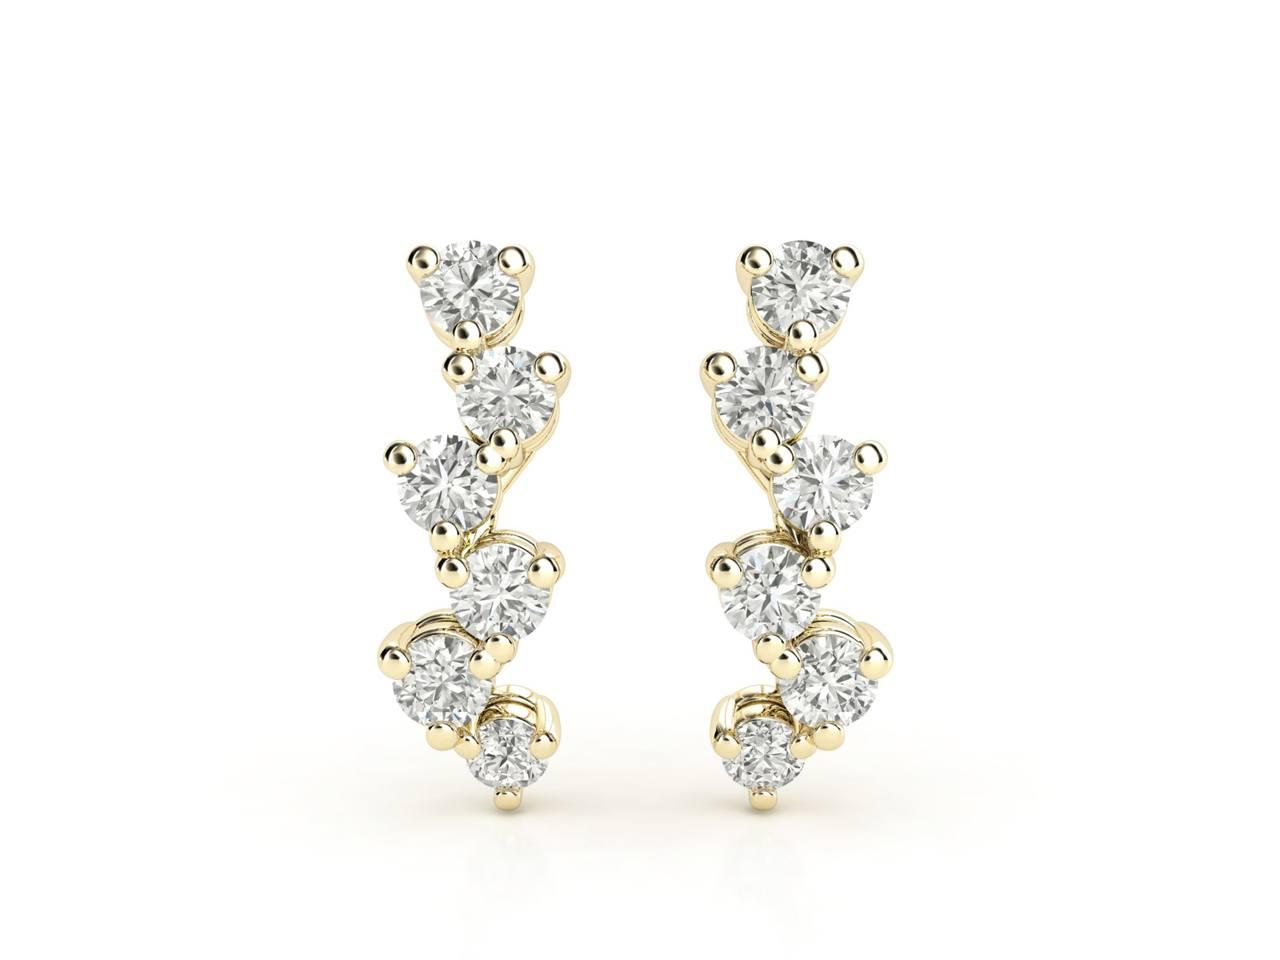 עגילי יהלומים זהב צהוב בעיצוב מוניק 2